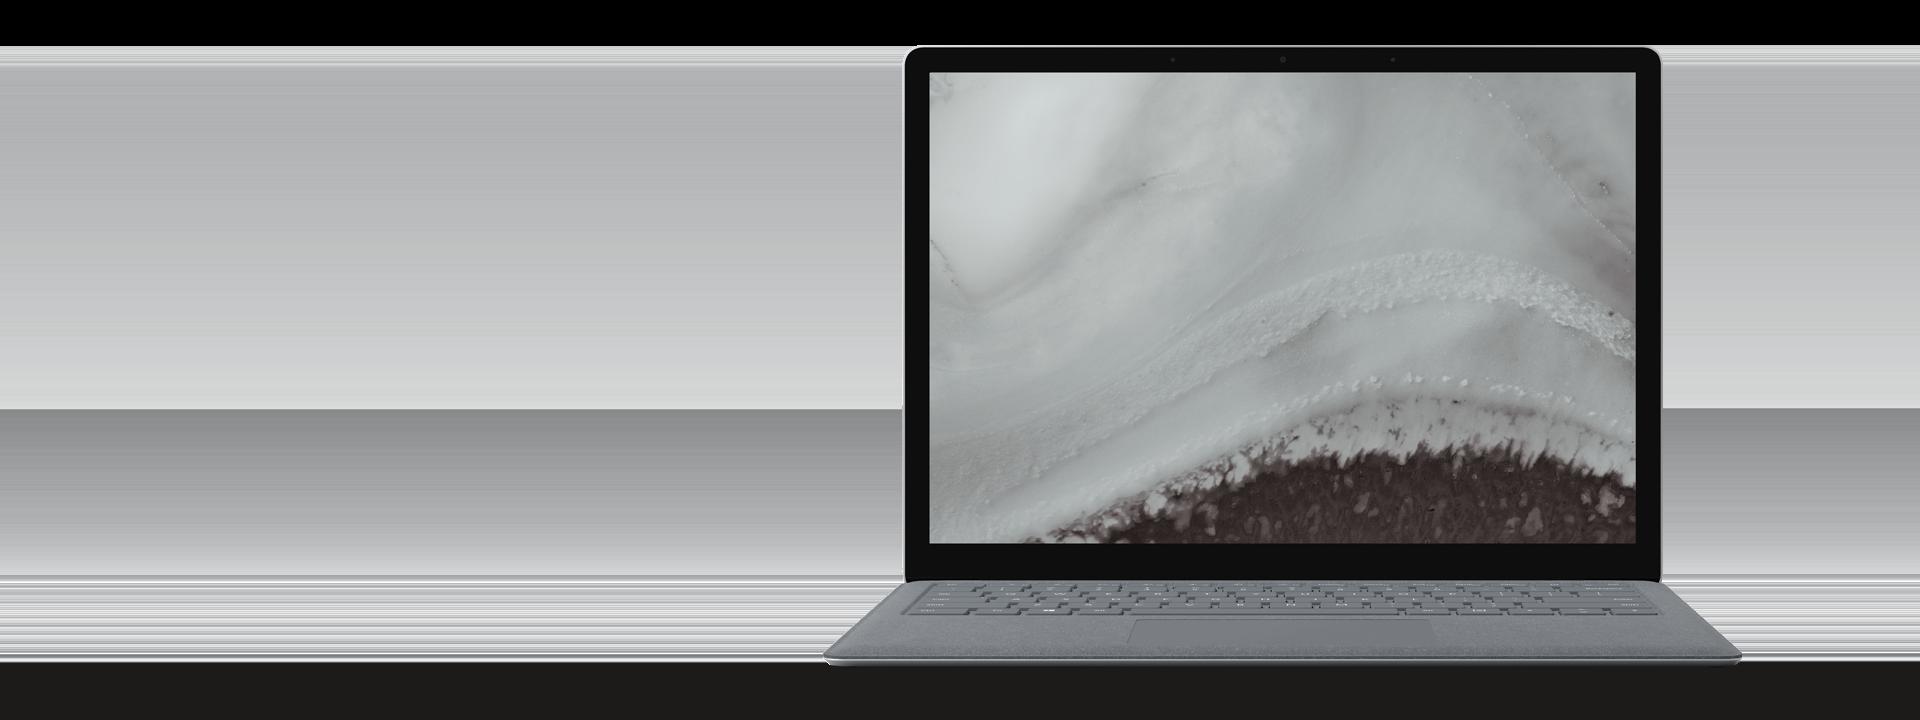 プラチナの Surface Laptop 2